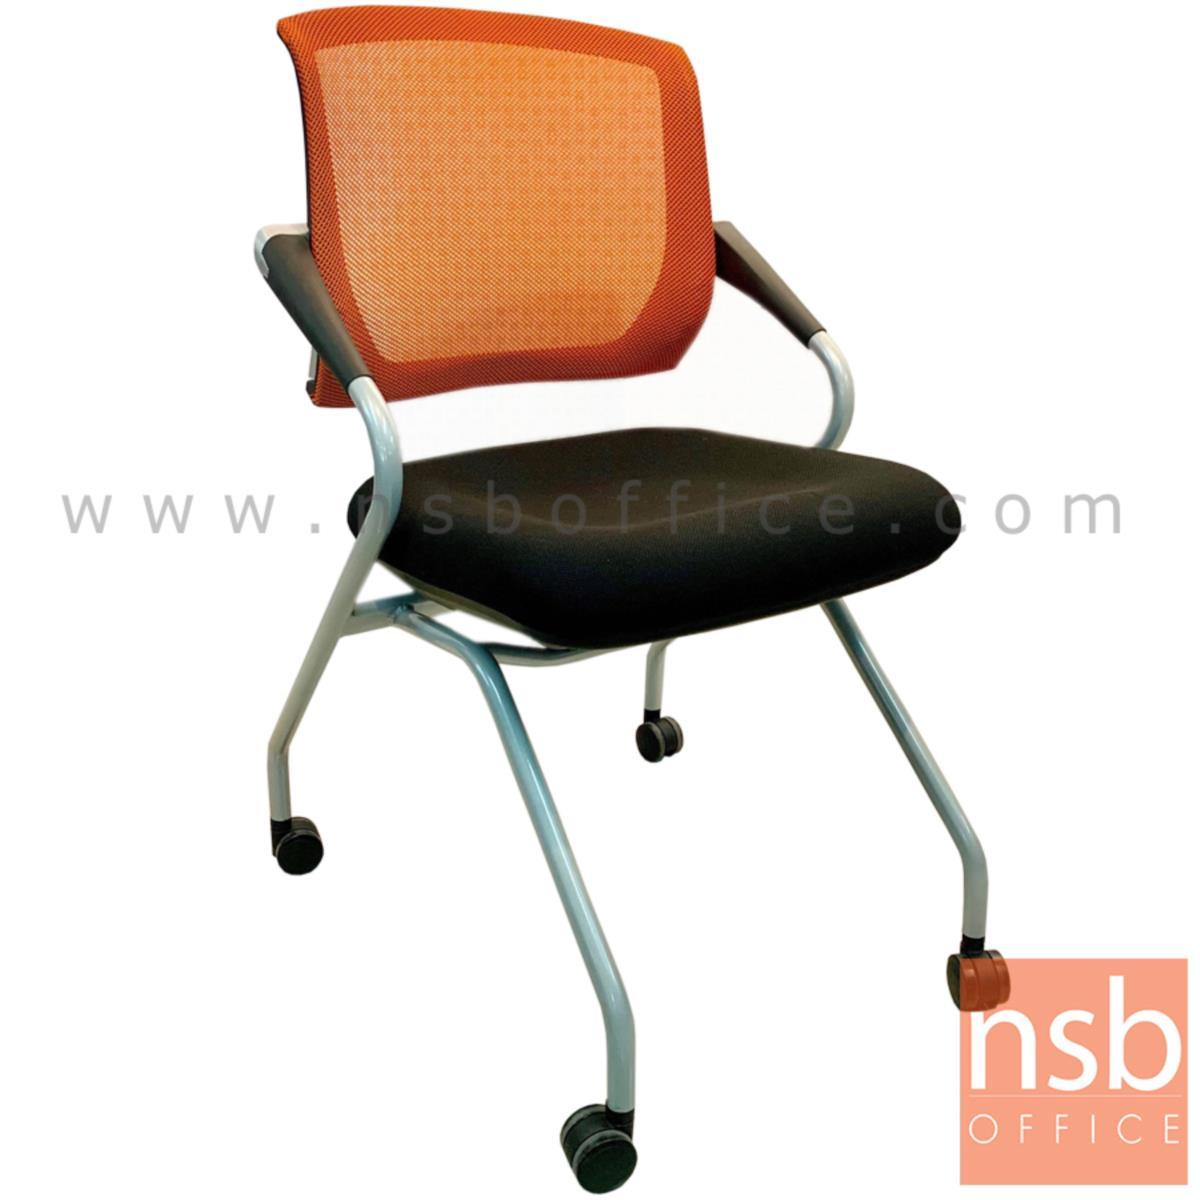 เก้าอี้สำนักงานหลังเน็ต รุ่น Fletcher (เฟล็ตเชอร์)  ขาเหล็กพ่นสีเทาเมทัลลิค